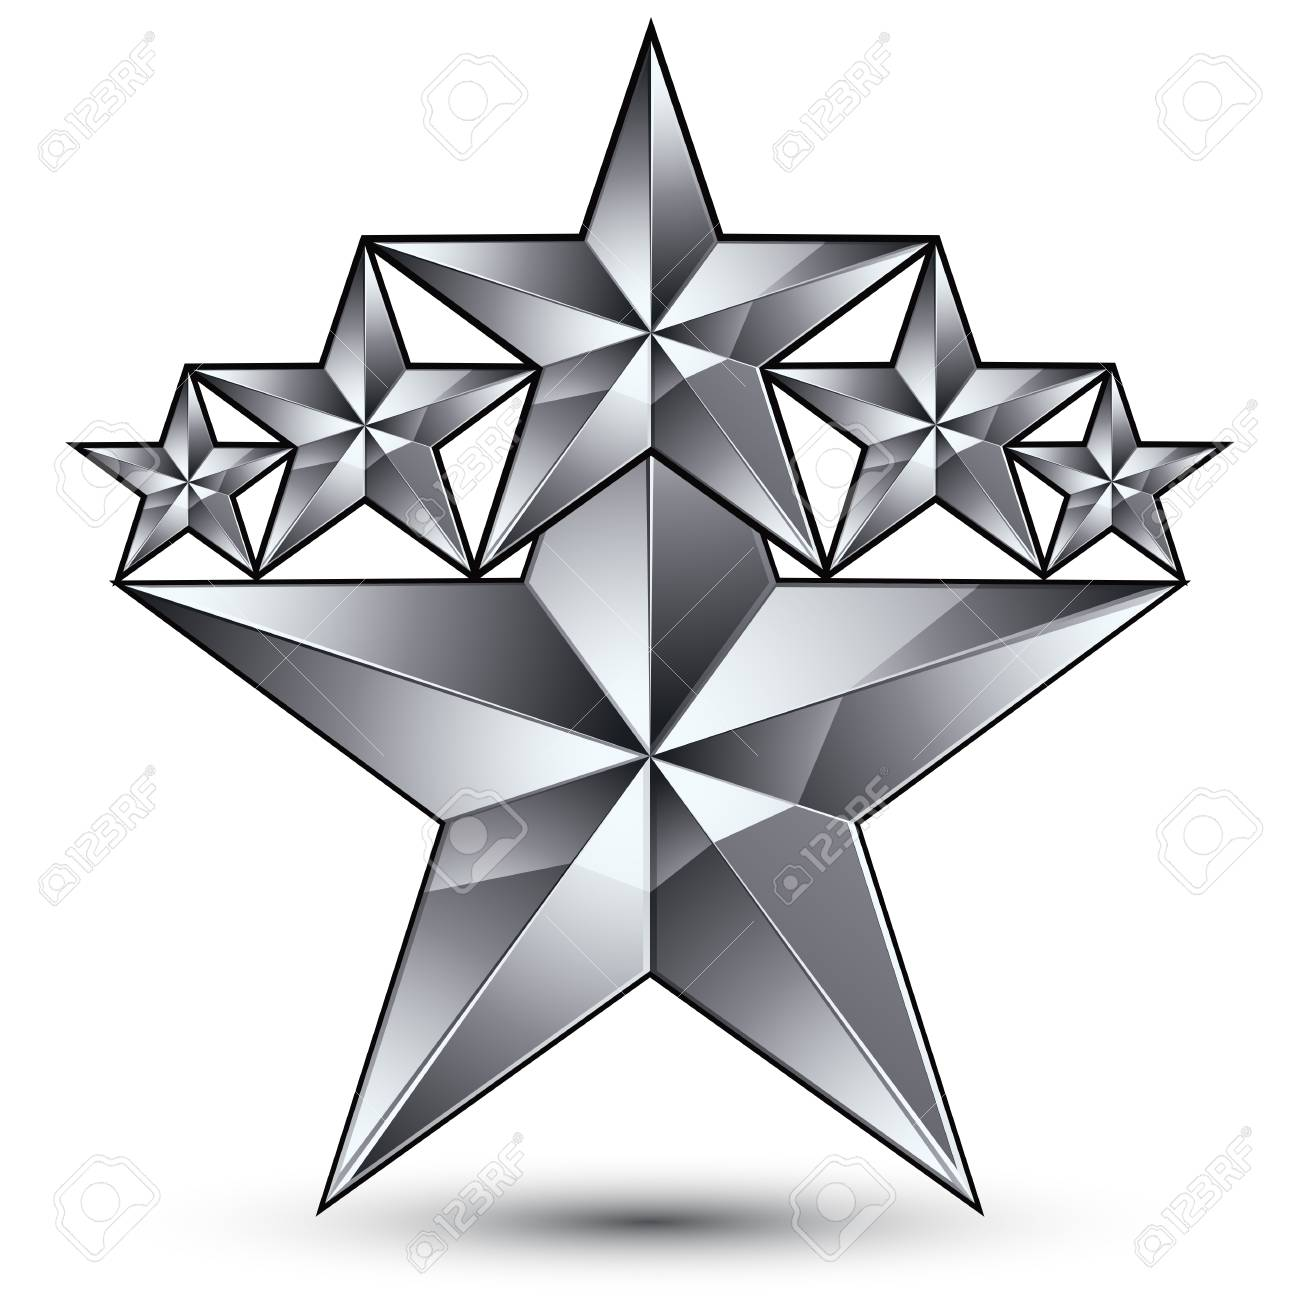 Template Vecteur Glamorous Avec Pentagonale Symbole étoile Argentée